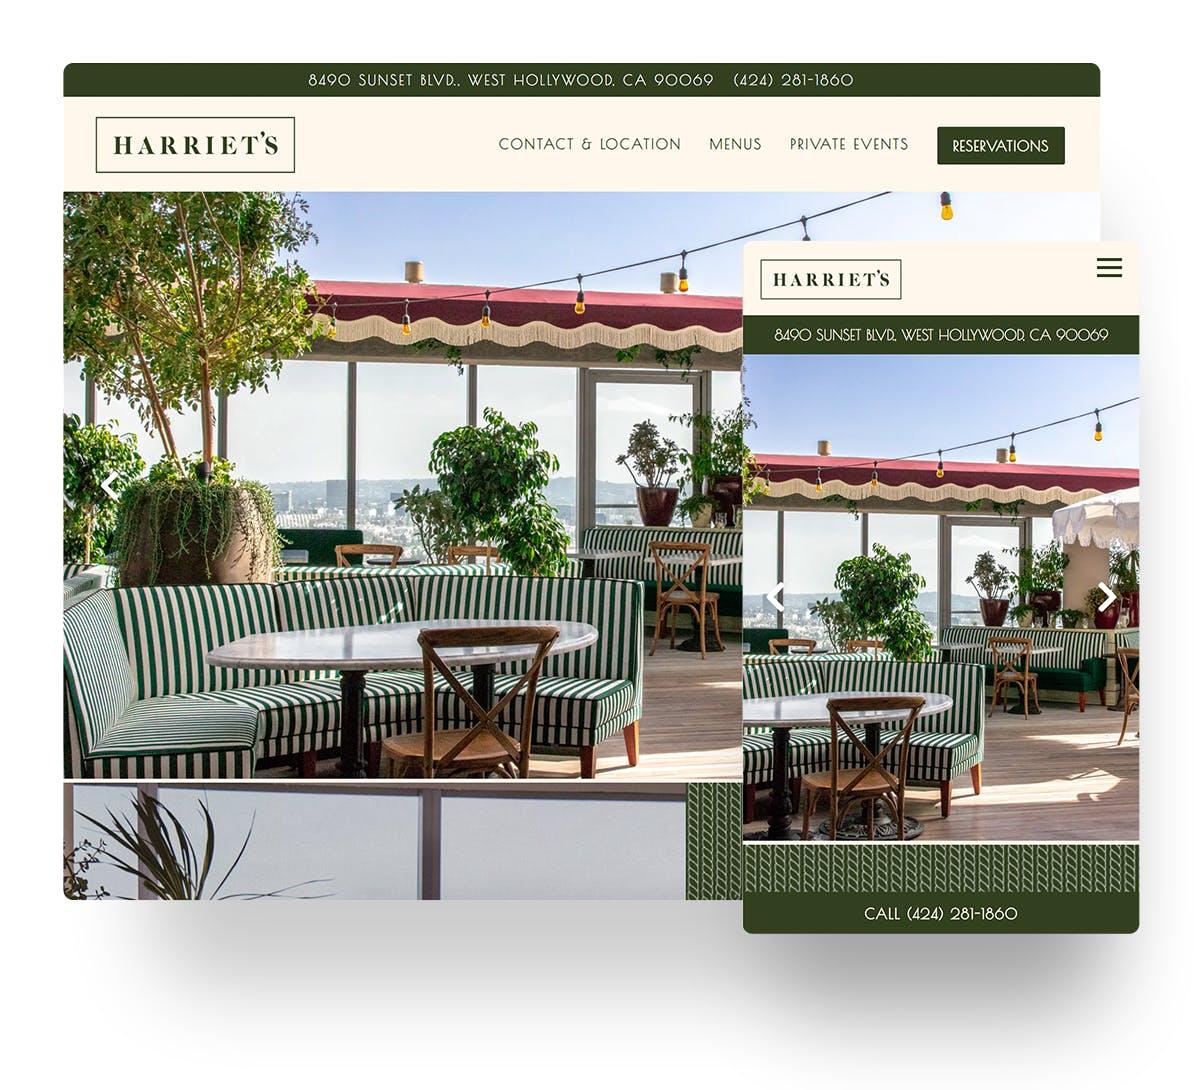 Harriet's website in mobile and desktop views